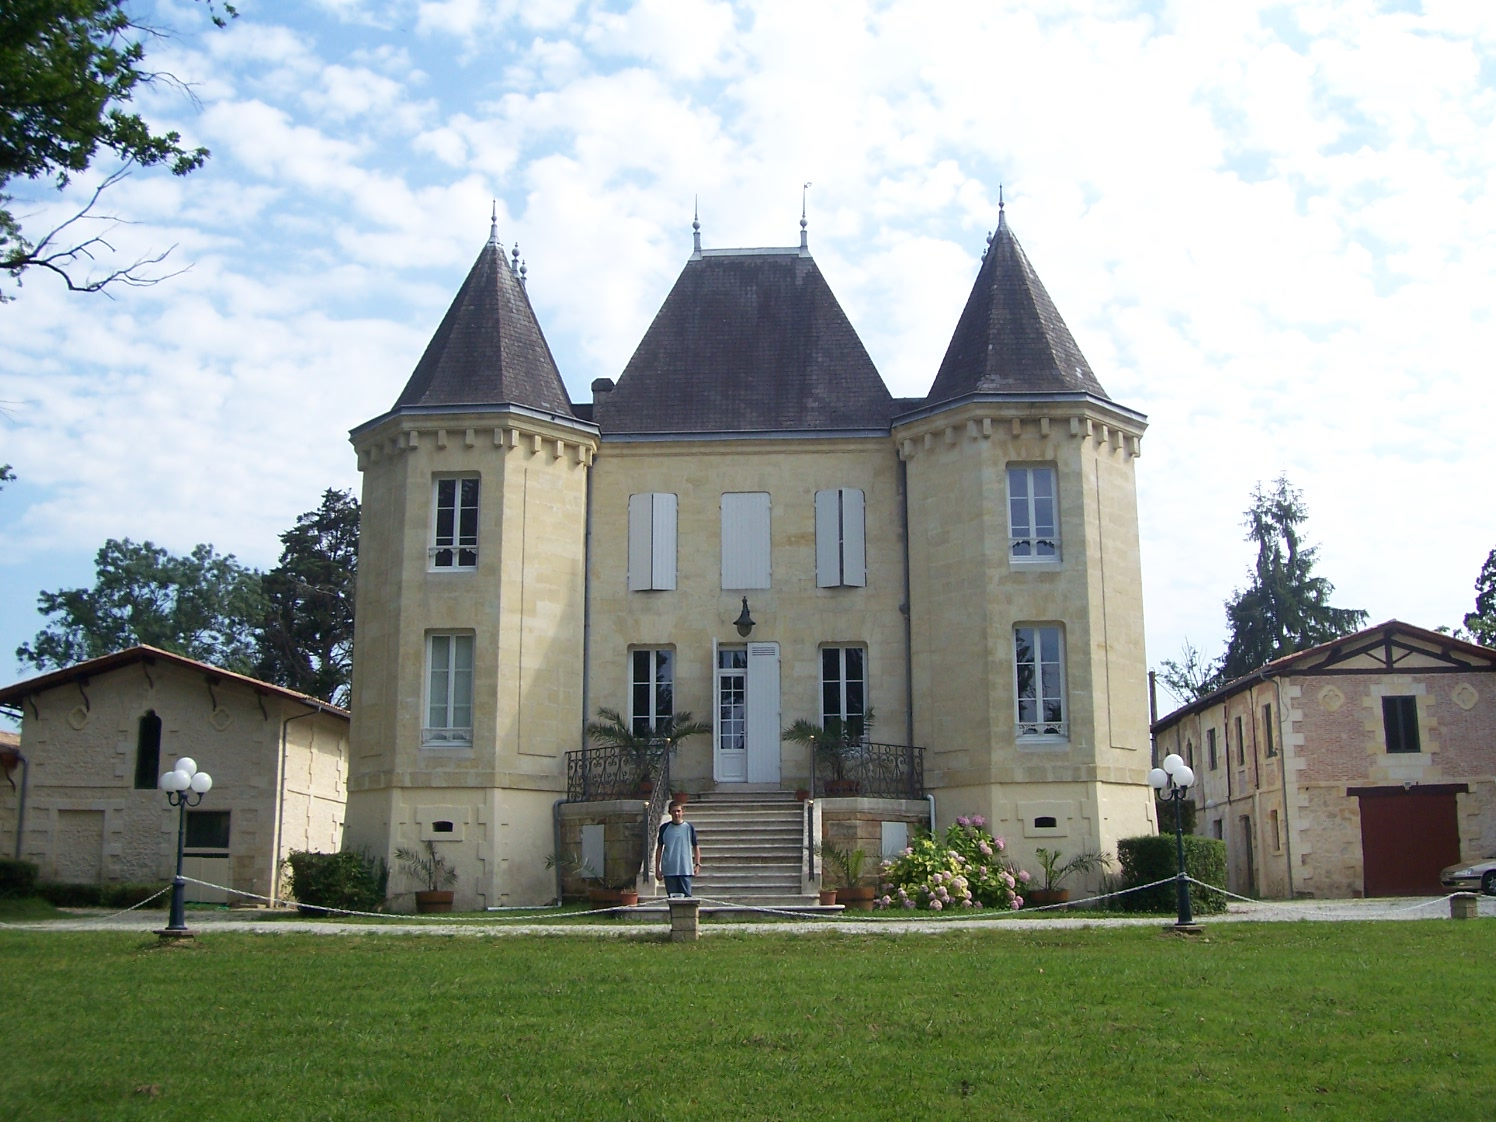 chateau de vin a vendre bordeaux liste domaine viticole vendre bordeaux achat vente propri t. Black Bedroom Furniture Sets. Home Design Ideas